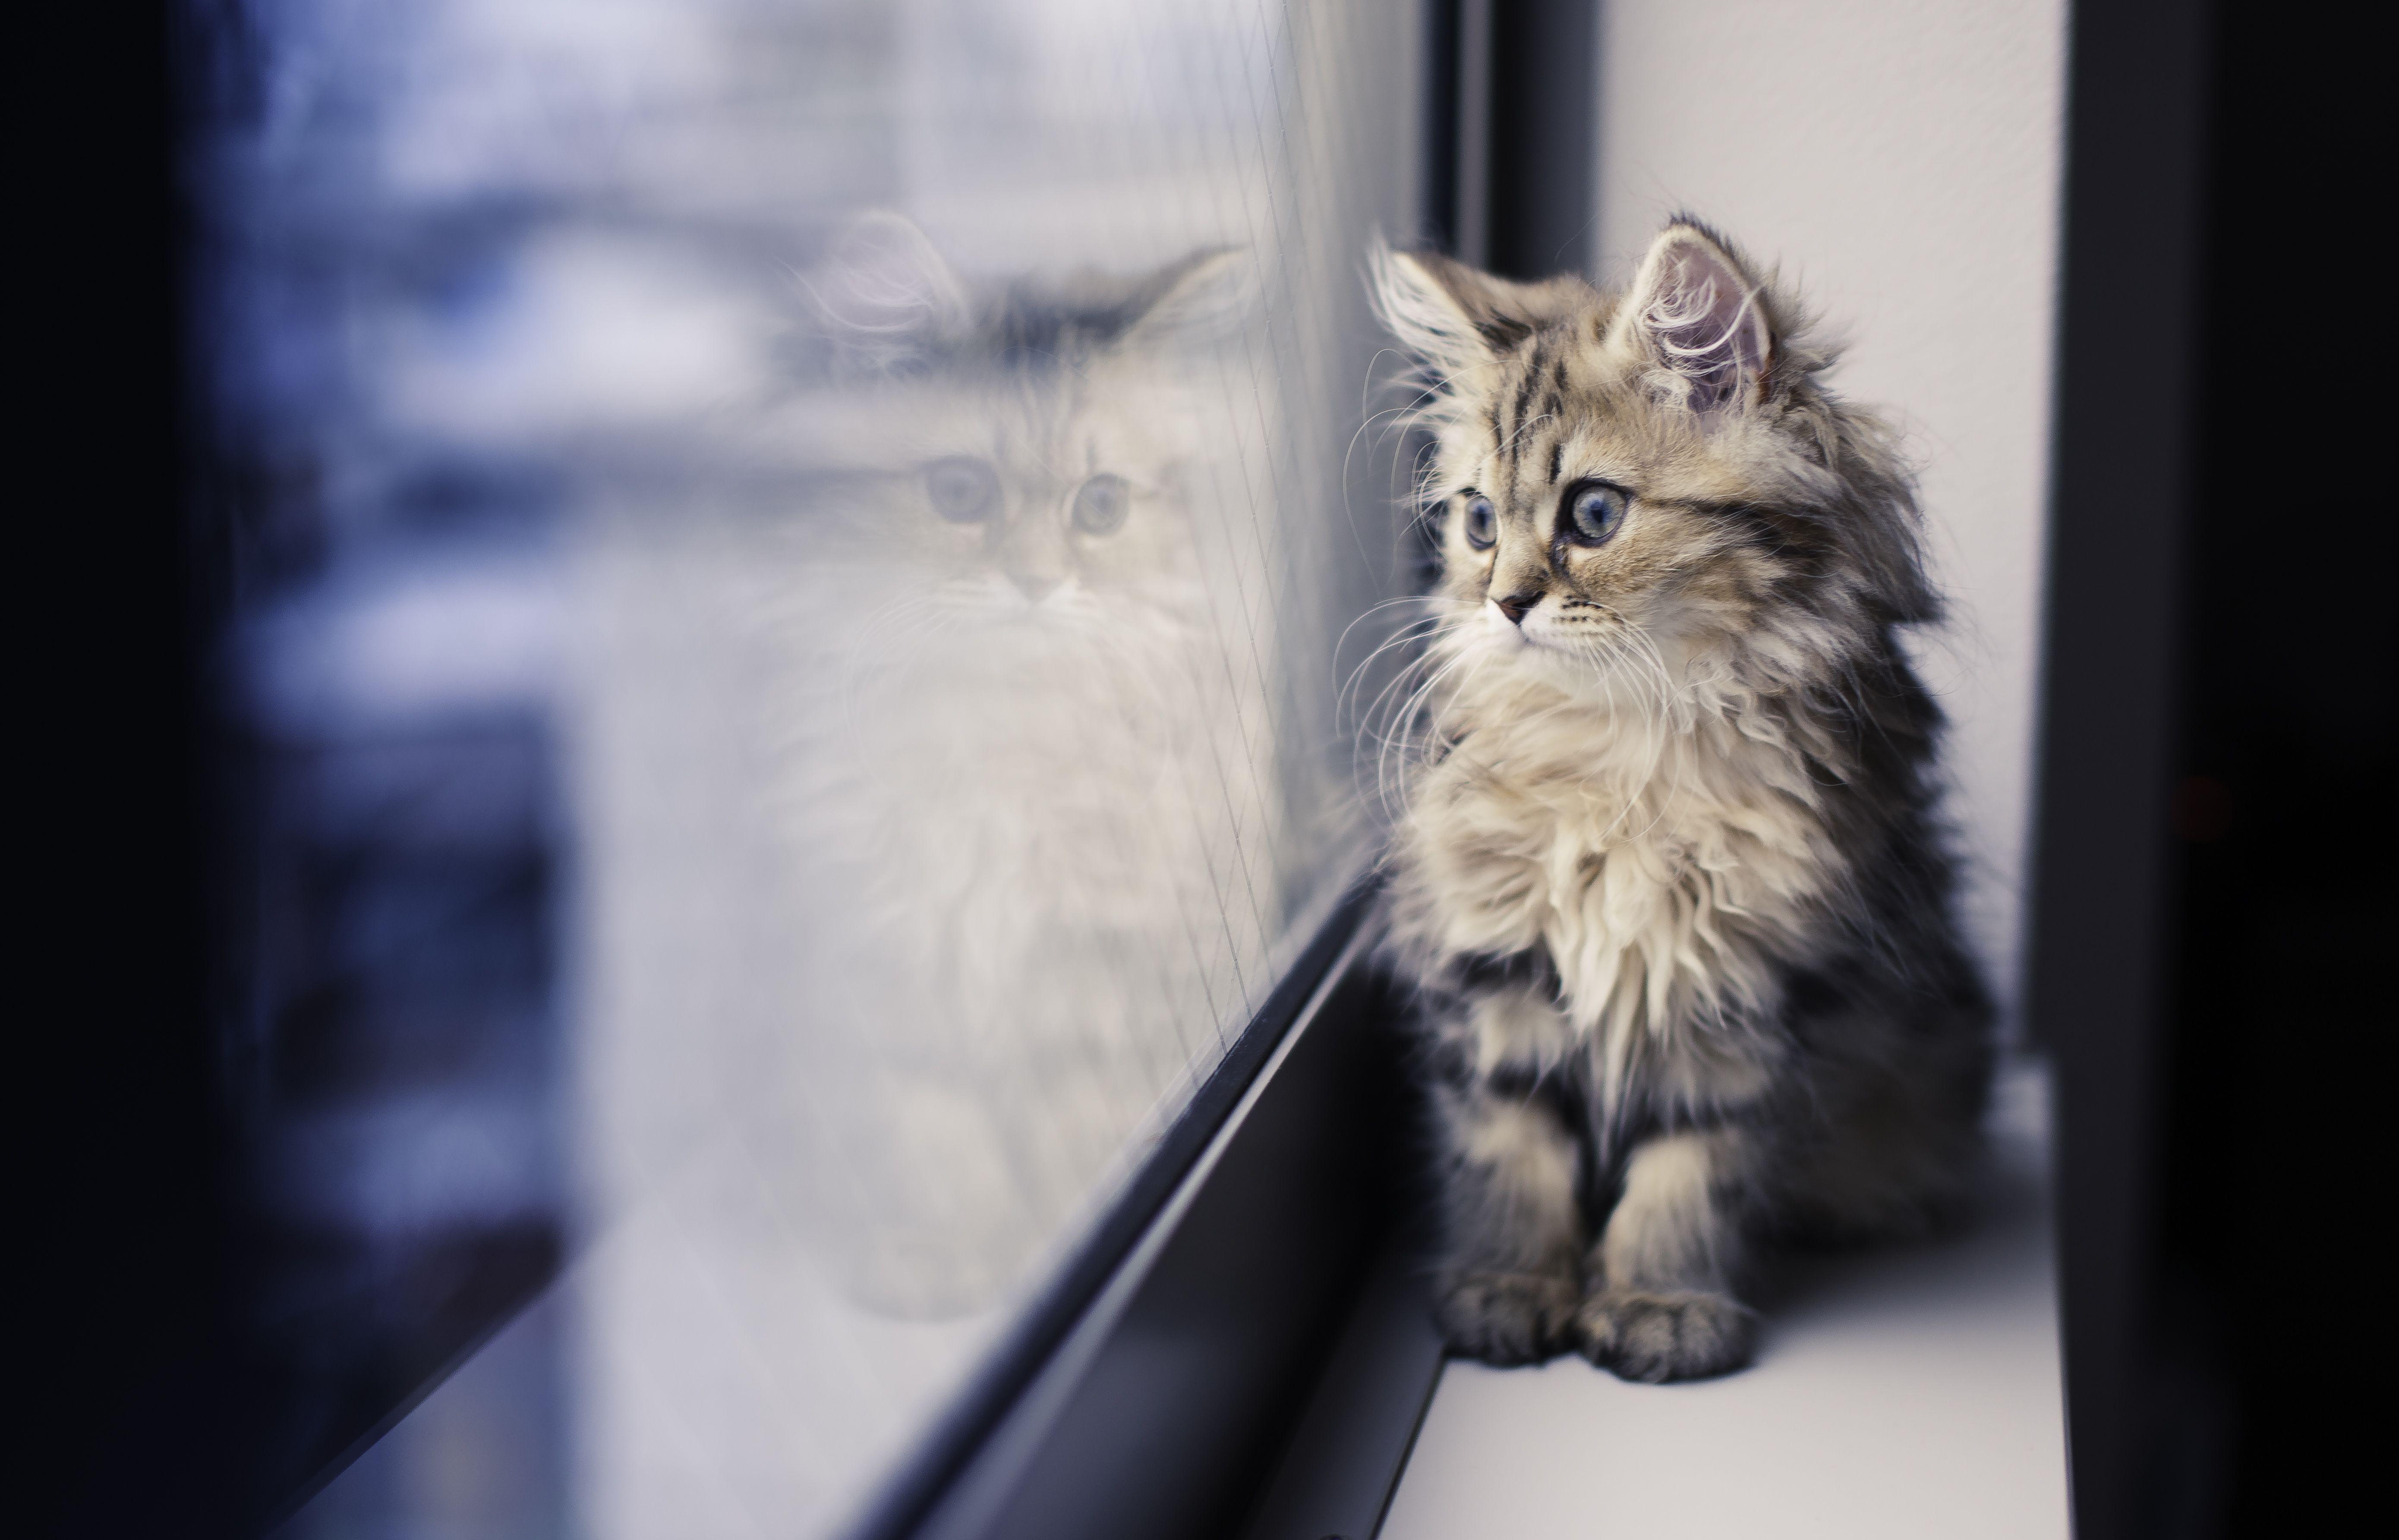 kittens parasites